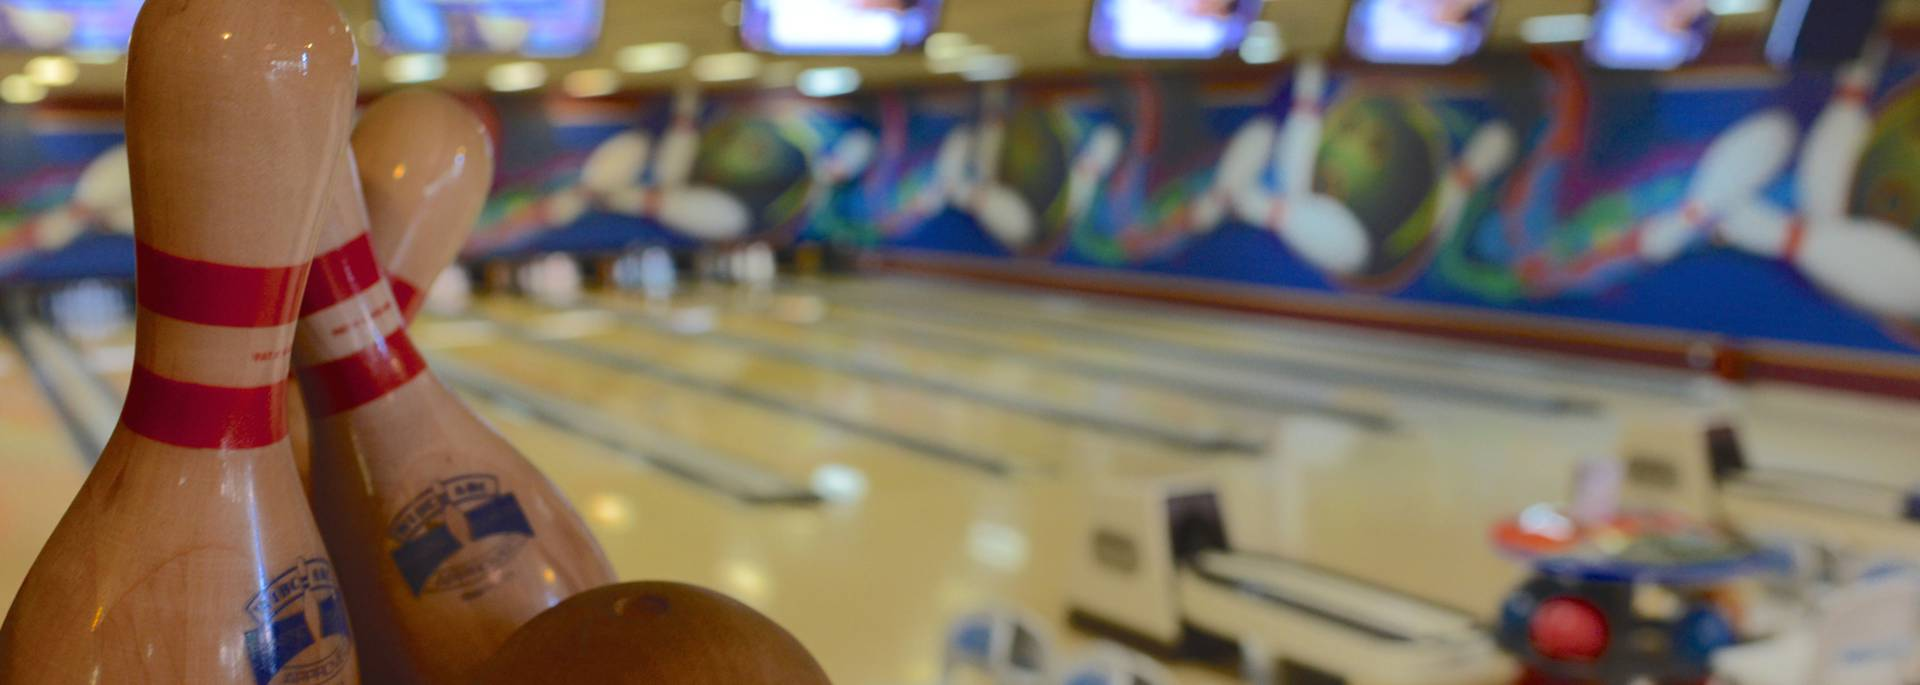 Pratique du bowling à Millau